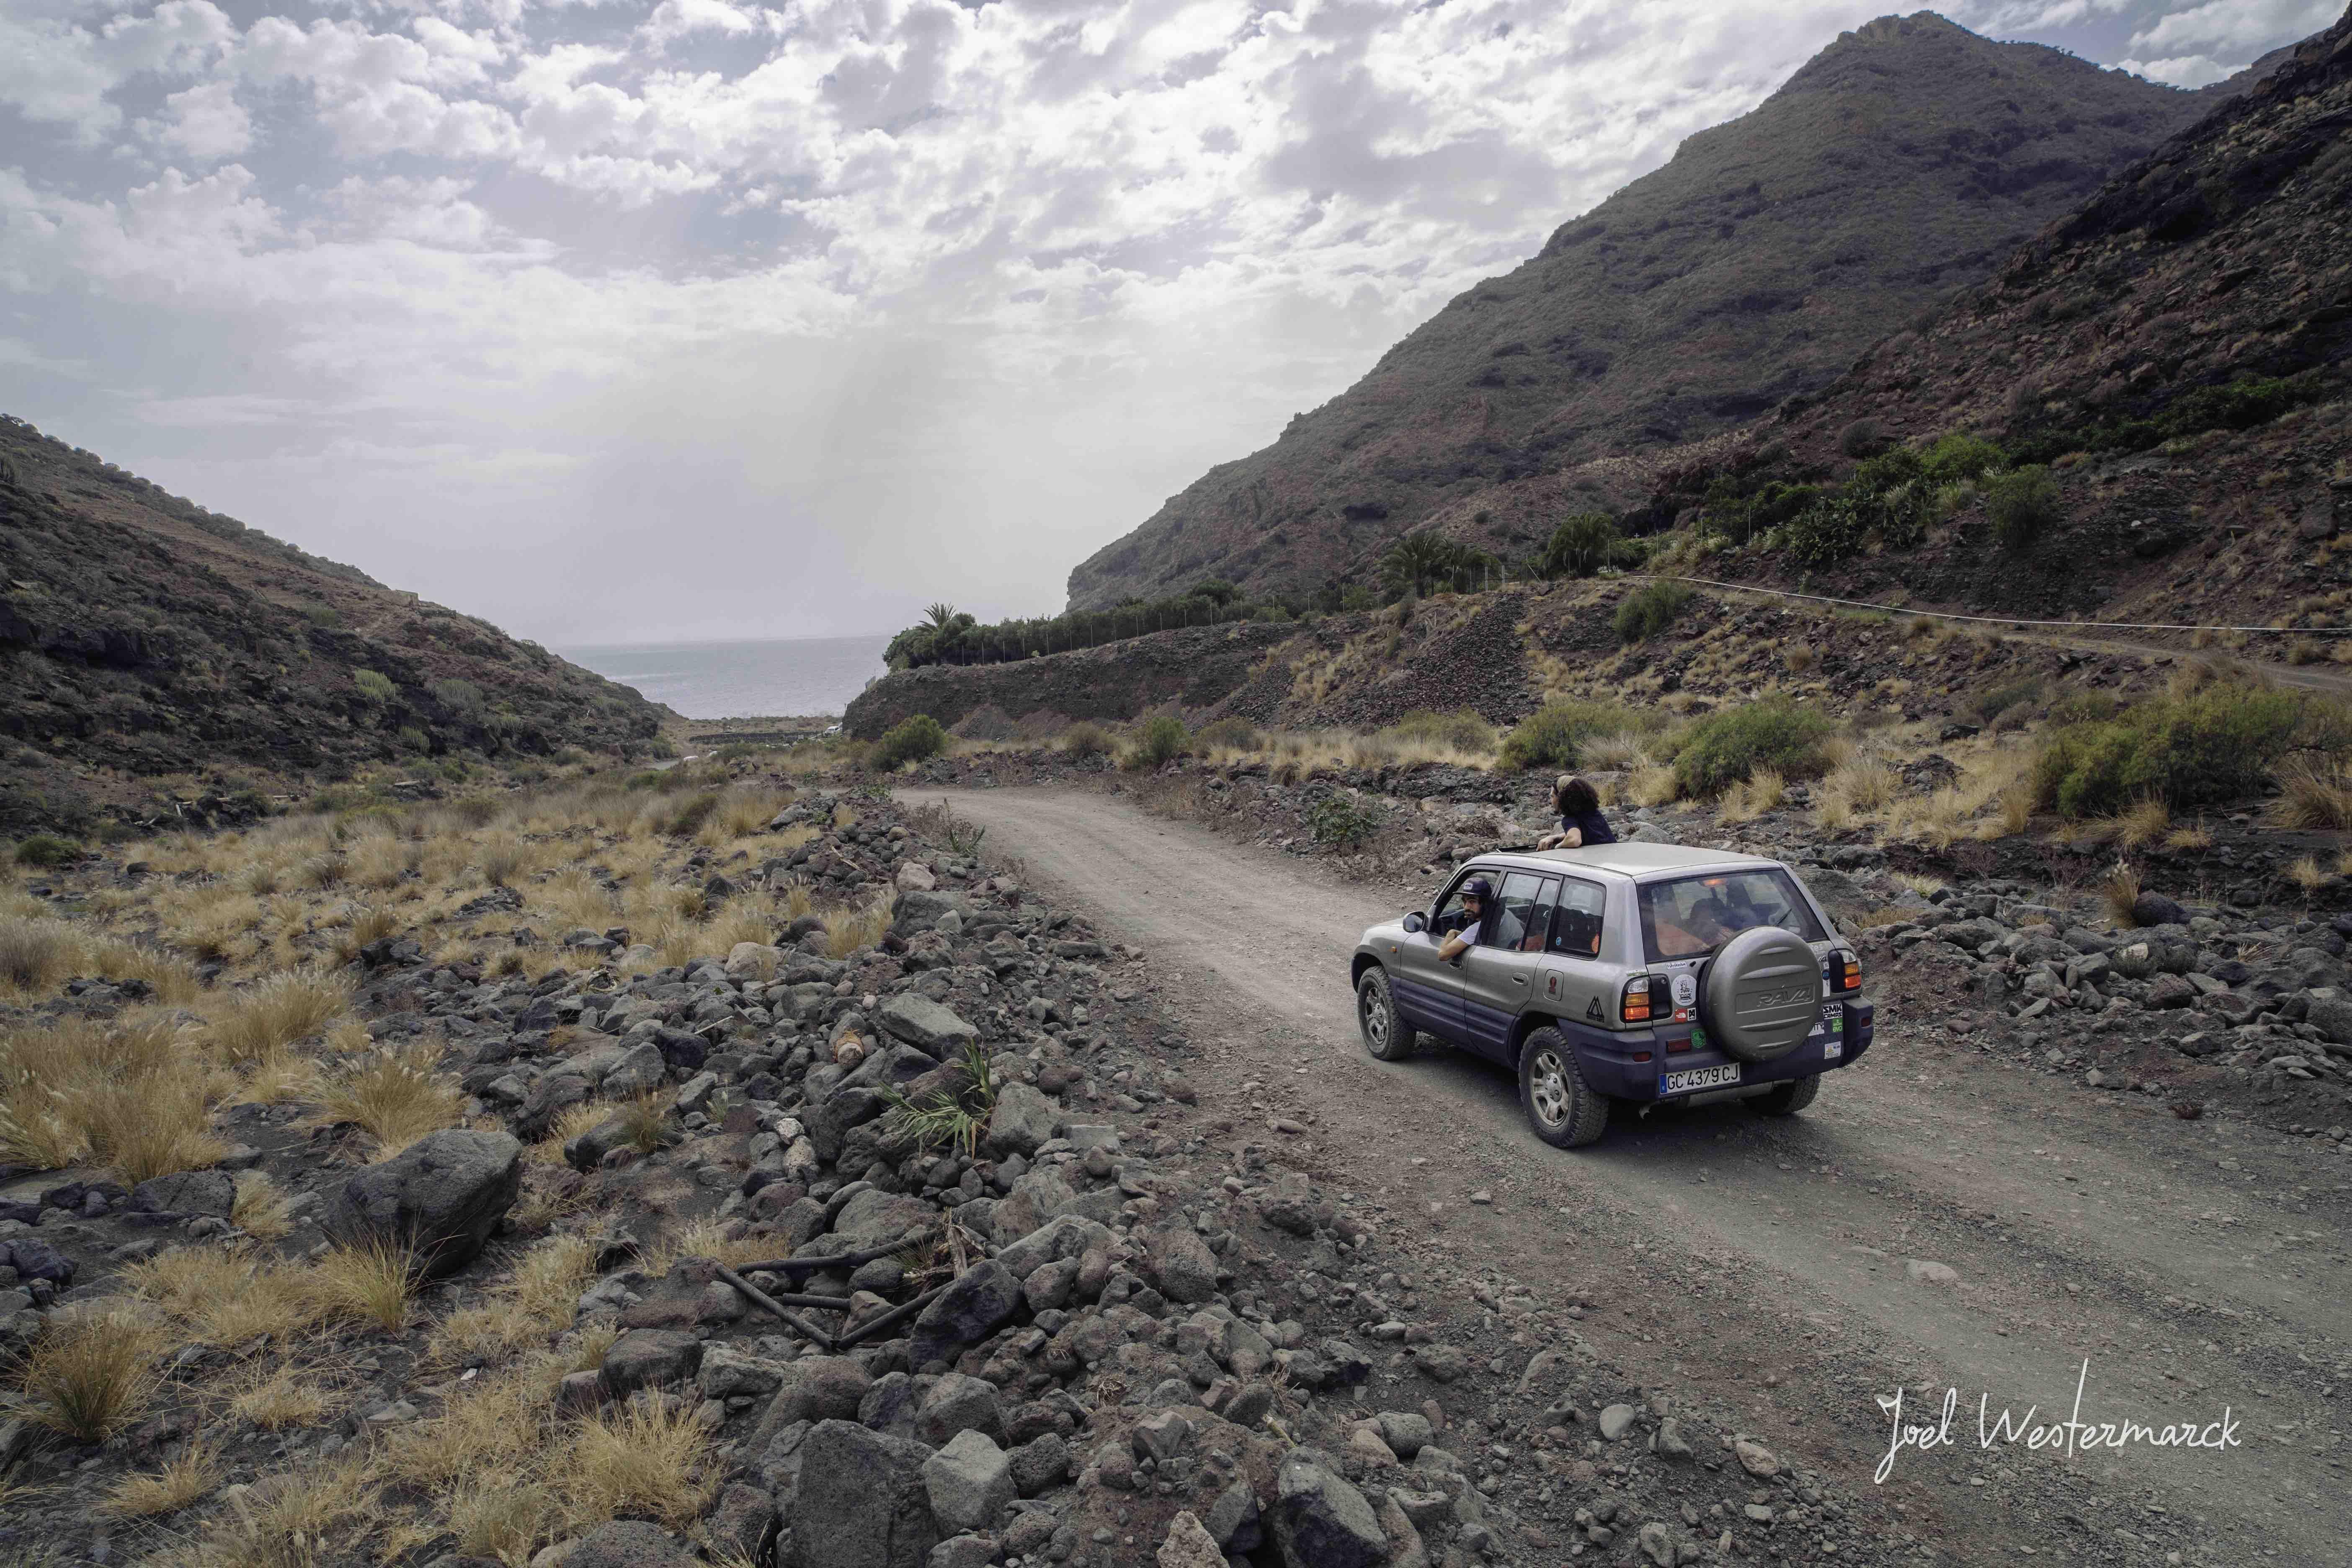 tasartico_road